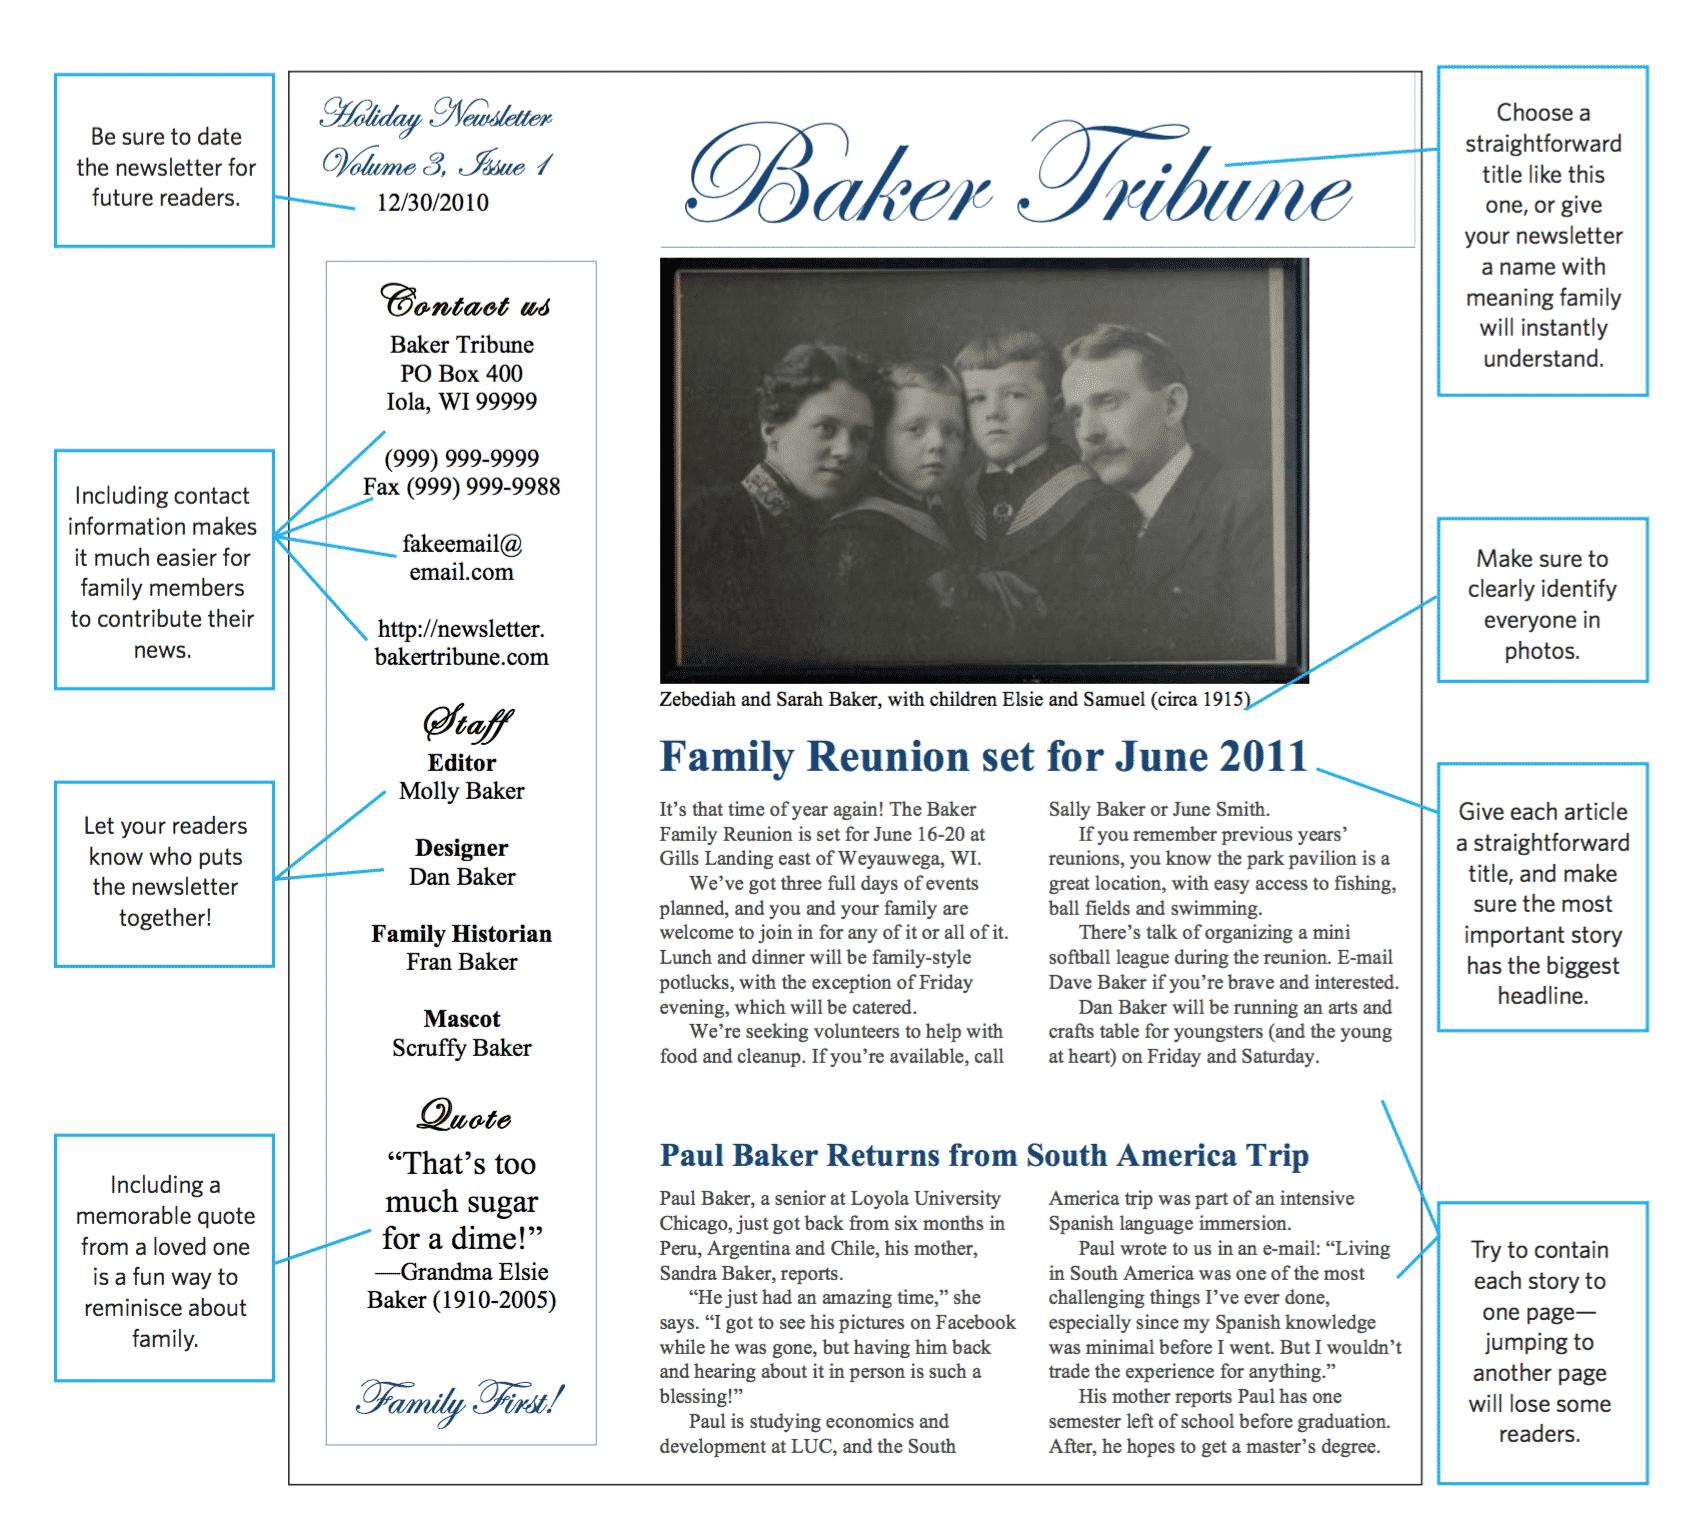 Sample family newsletter design.